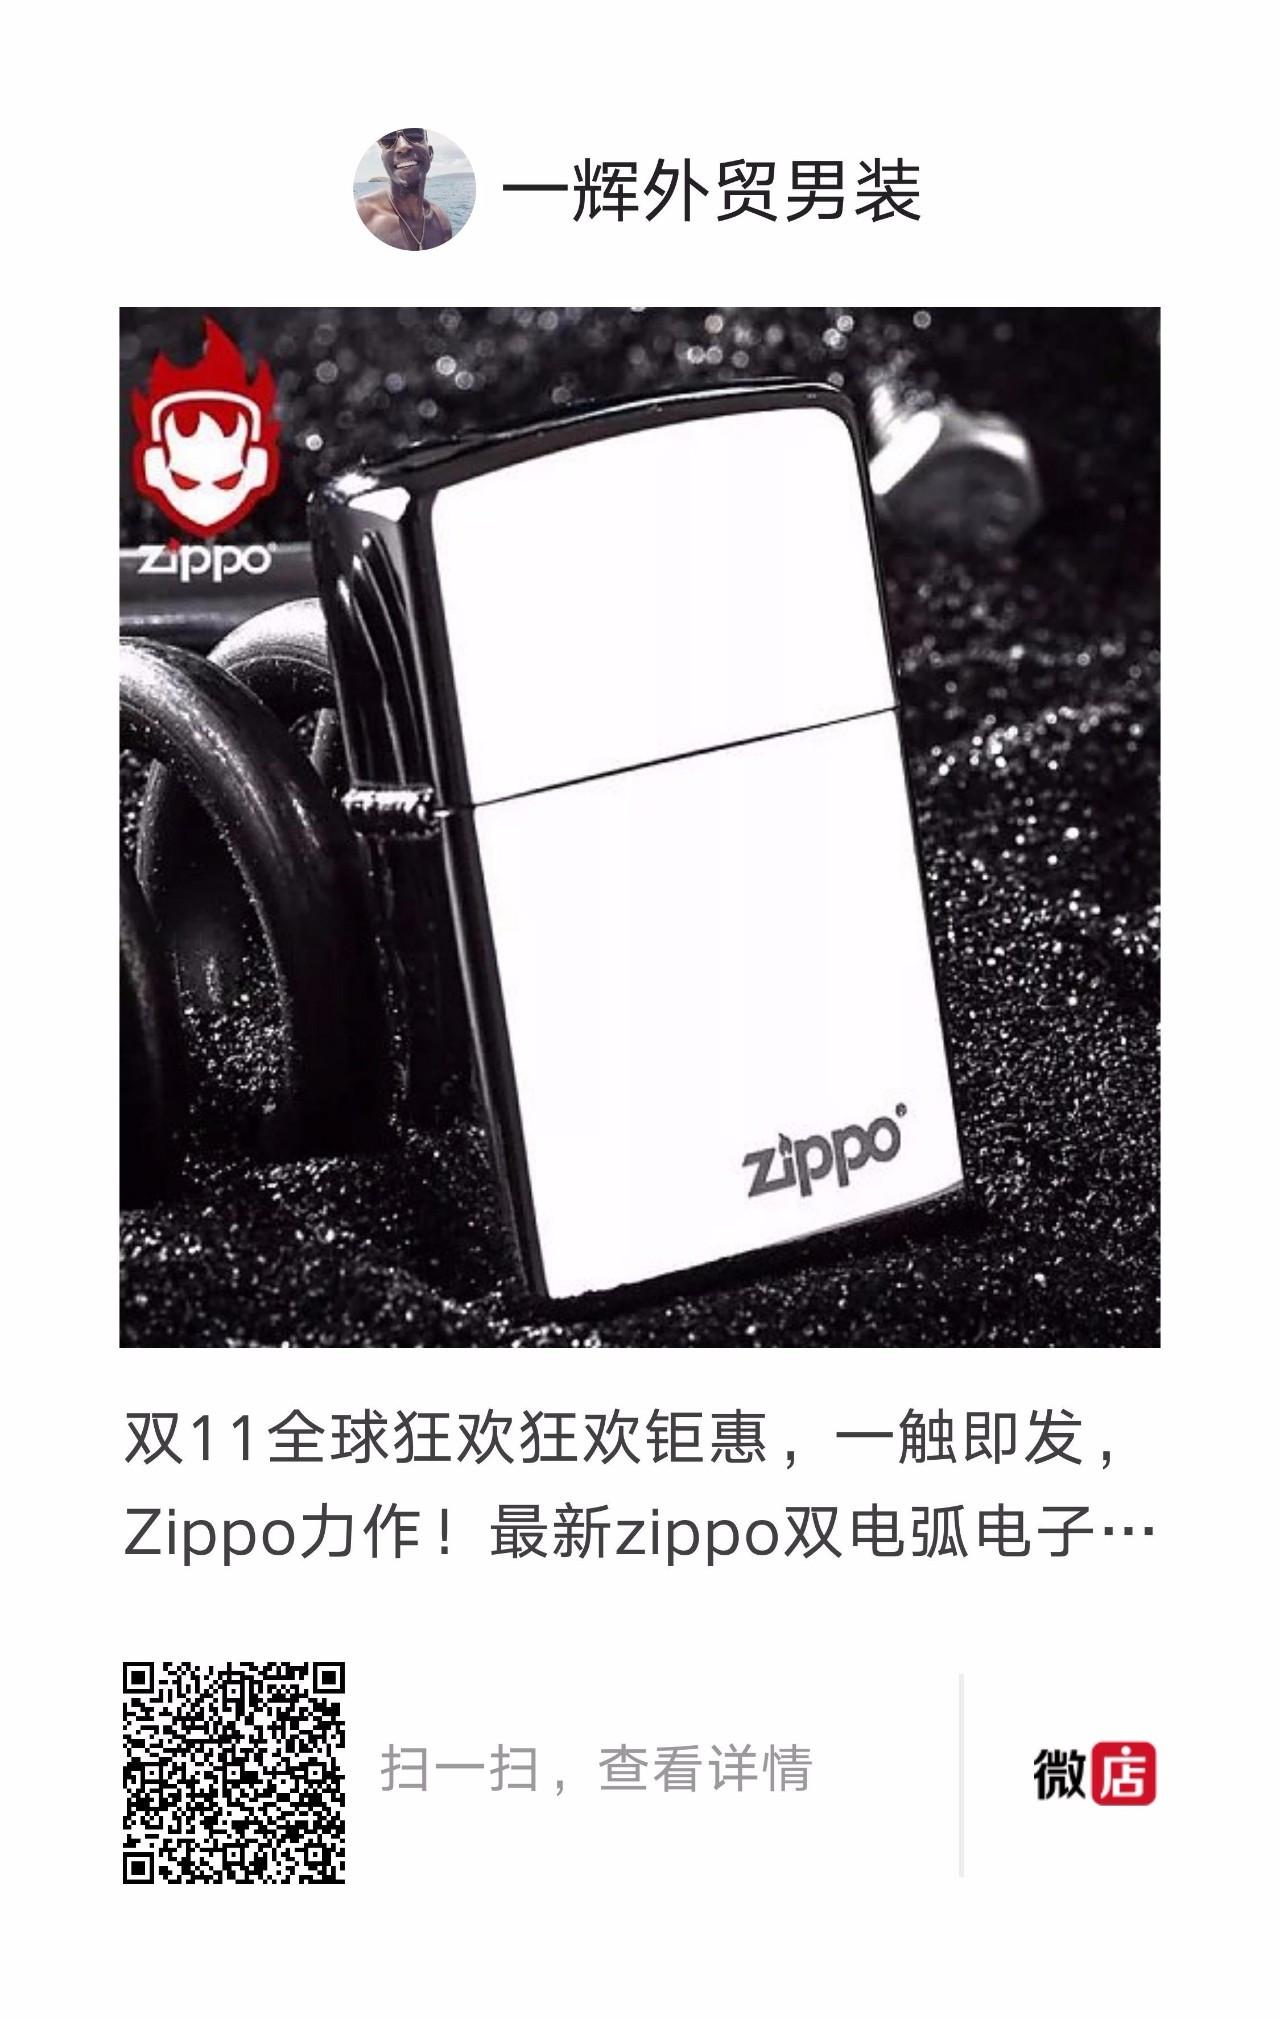 zippo二手回收